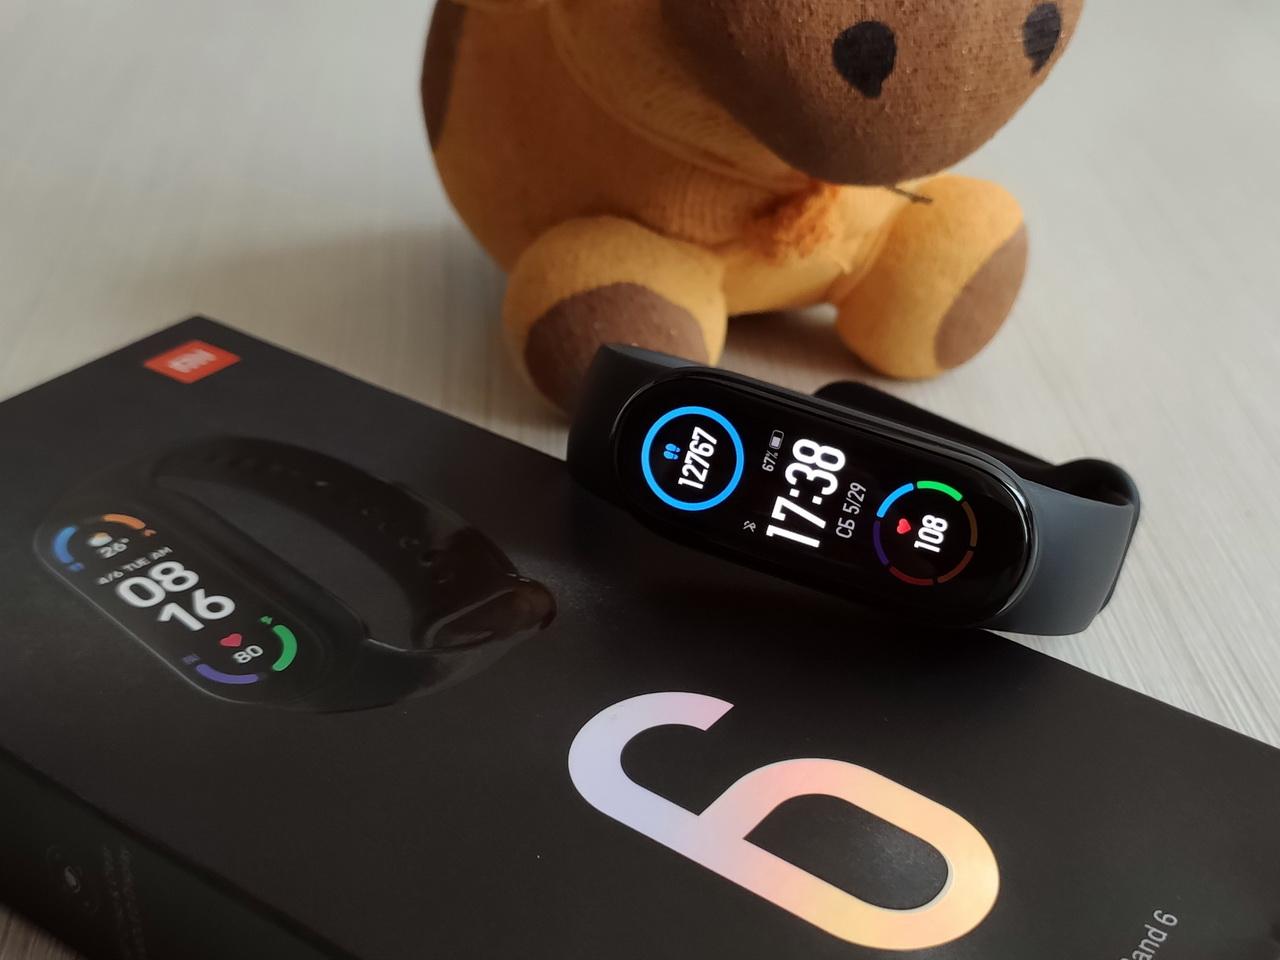 Обзор обновлённого Xiaomi Mi Band 6. Почему его так незаслуженно хвалят?